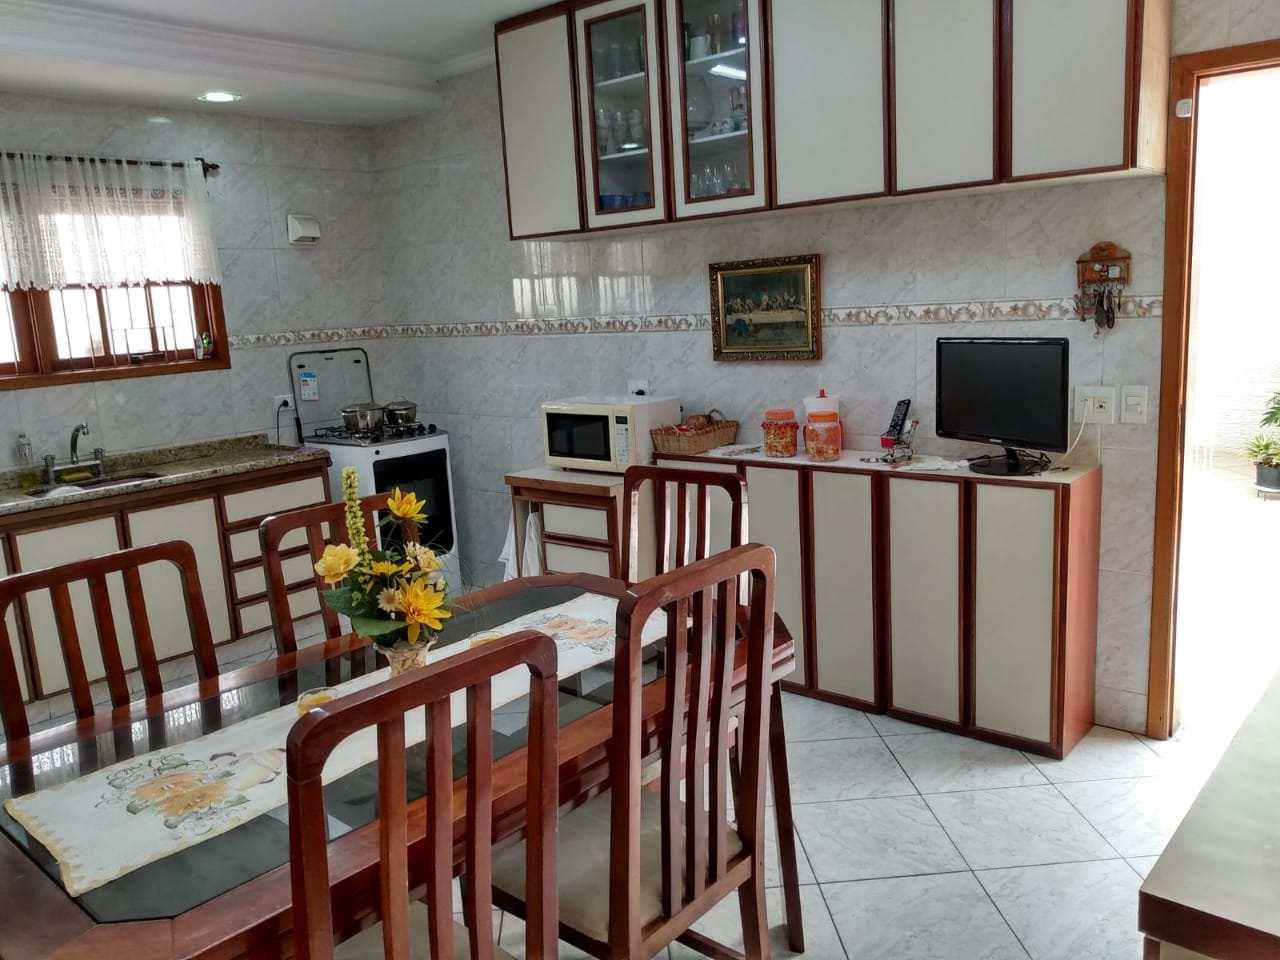 Casa com 0 dorm, Jardim São Caetano, São Caetano do Sul - R$ 1.38 mi, Cod: 3491